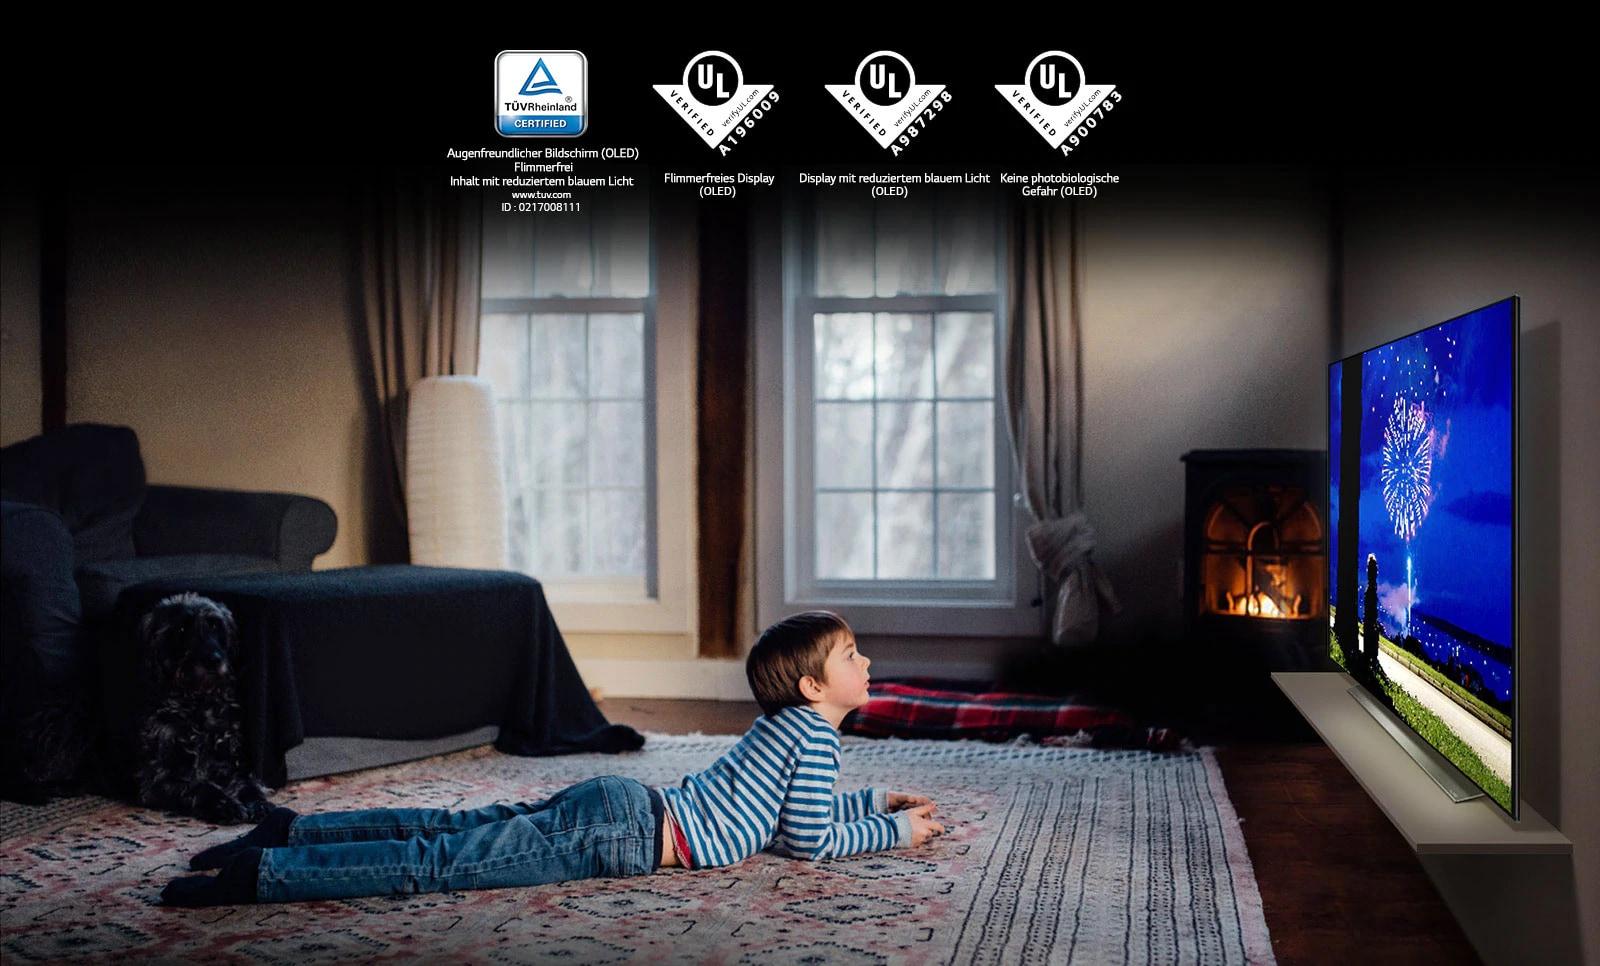 """Kartica z opisom """"Eye Comfort Display"""" (očem prijazen zaslon). Fant leži na trebuhu in gleda televizijo. Ogledajo se lahko štirje logotipi, ki dokazujejo certifikat """"Eye Comfort Display""""."""